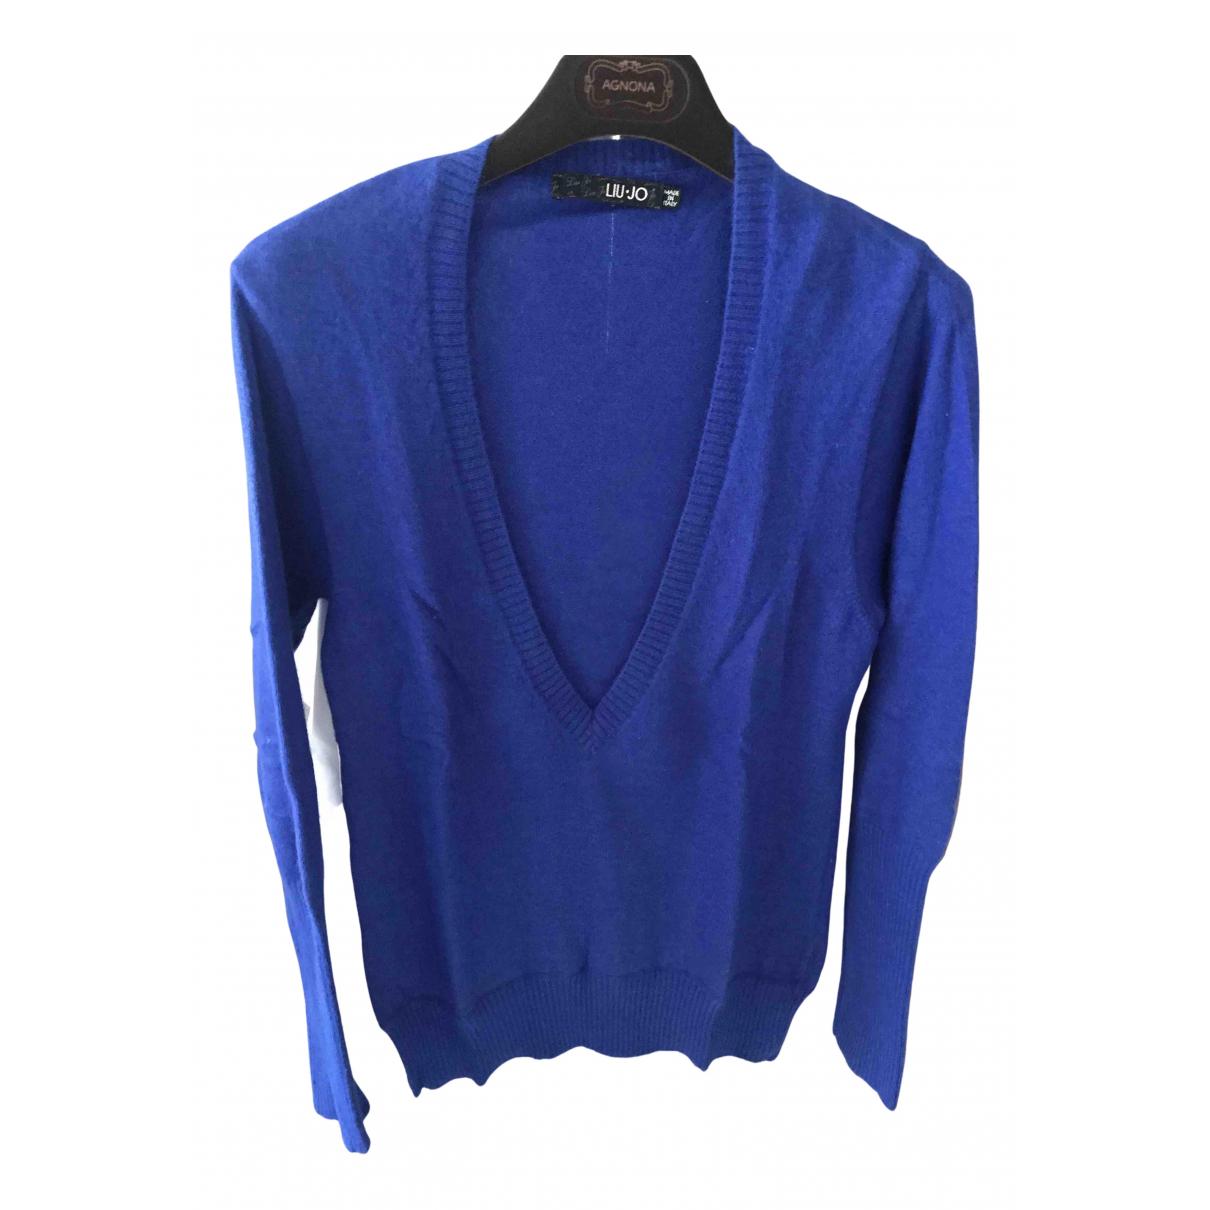 Liu.jo - Pull   pour femme en laine - bleu